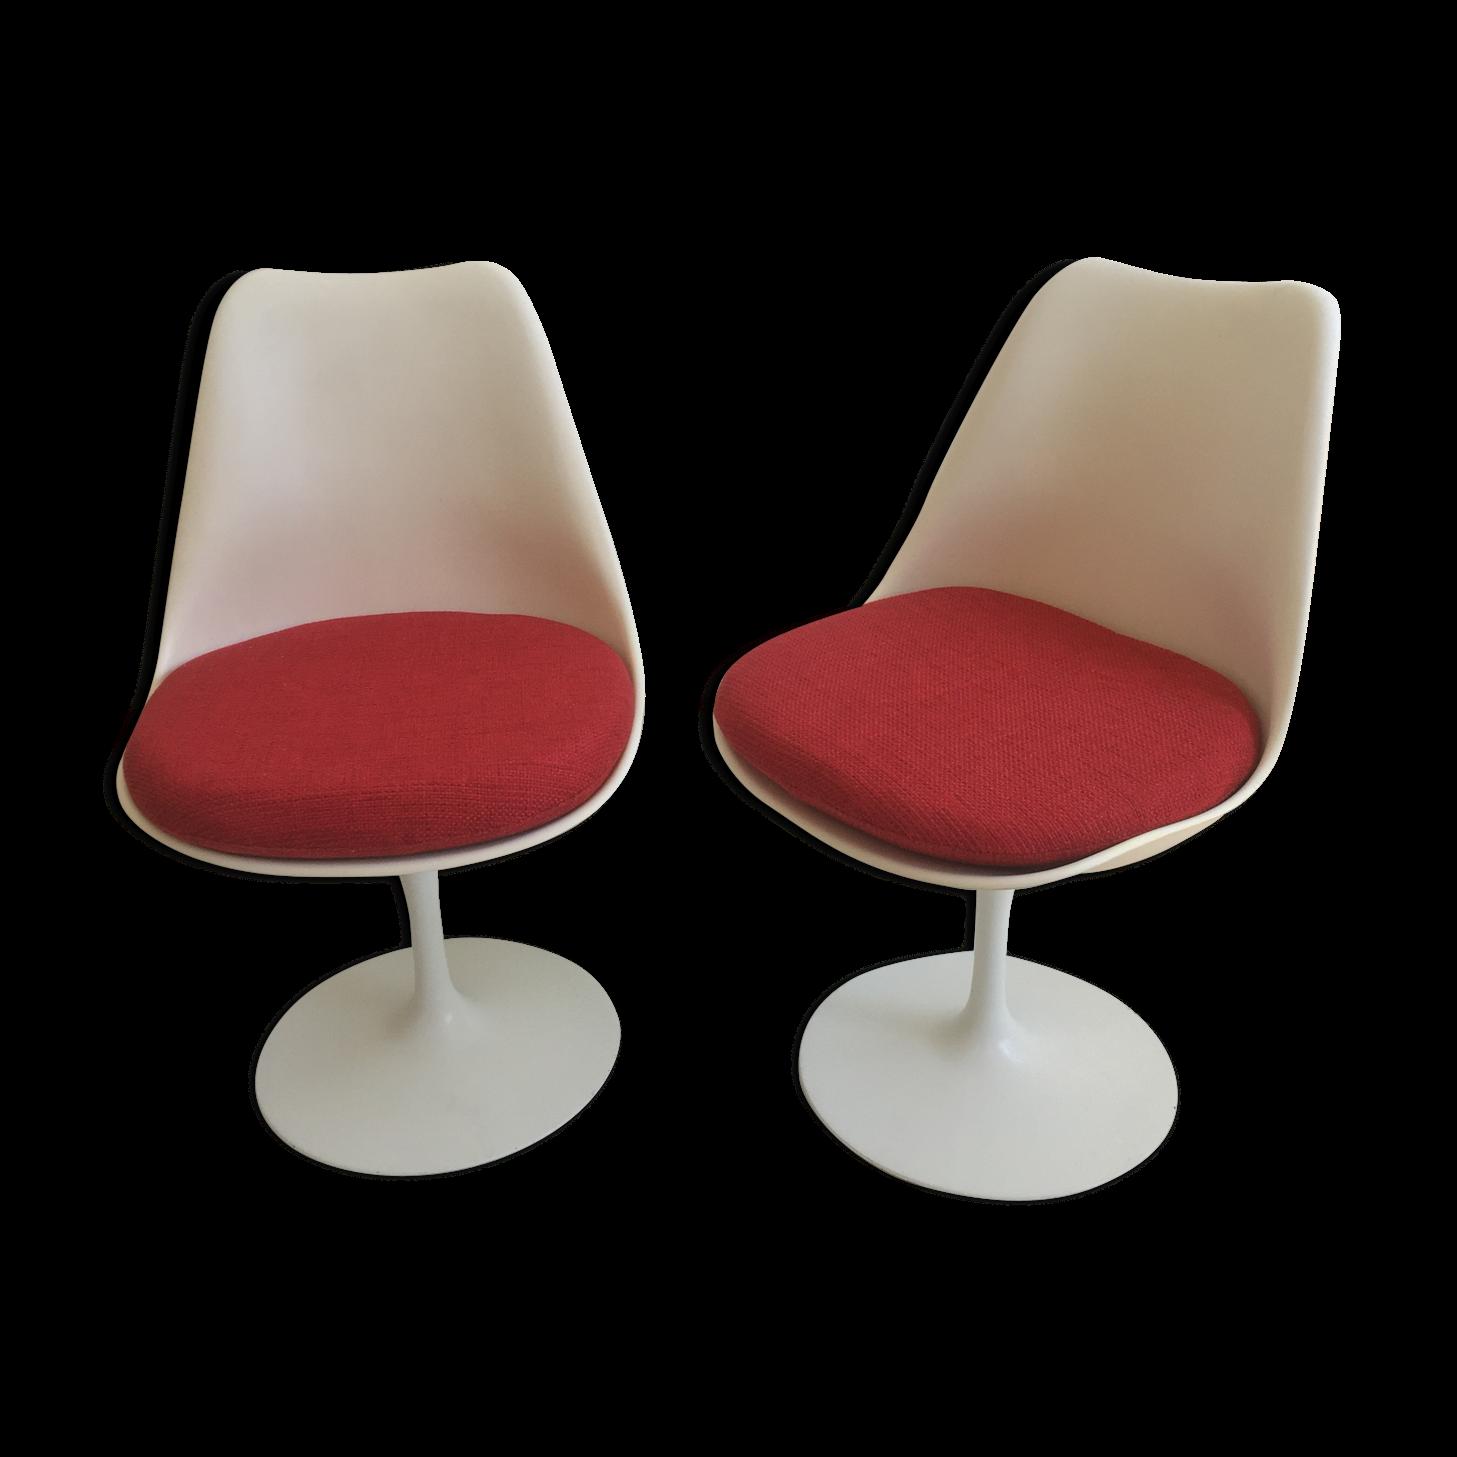 Pair Of Tulip Chairs By Eero Saarinen / Knoll